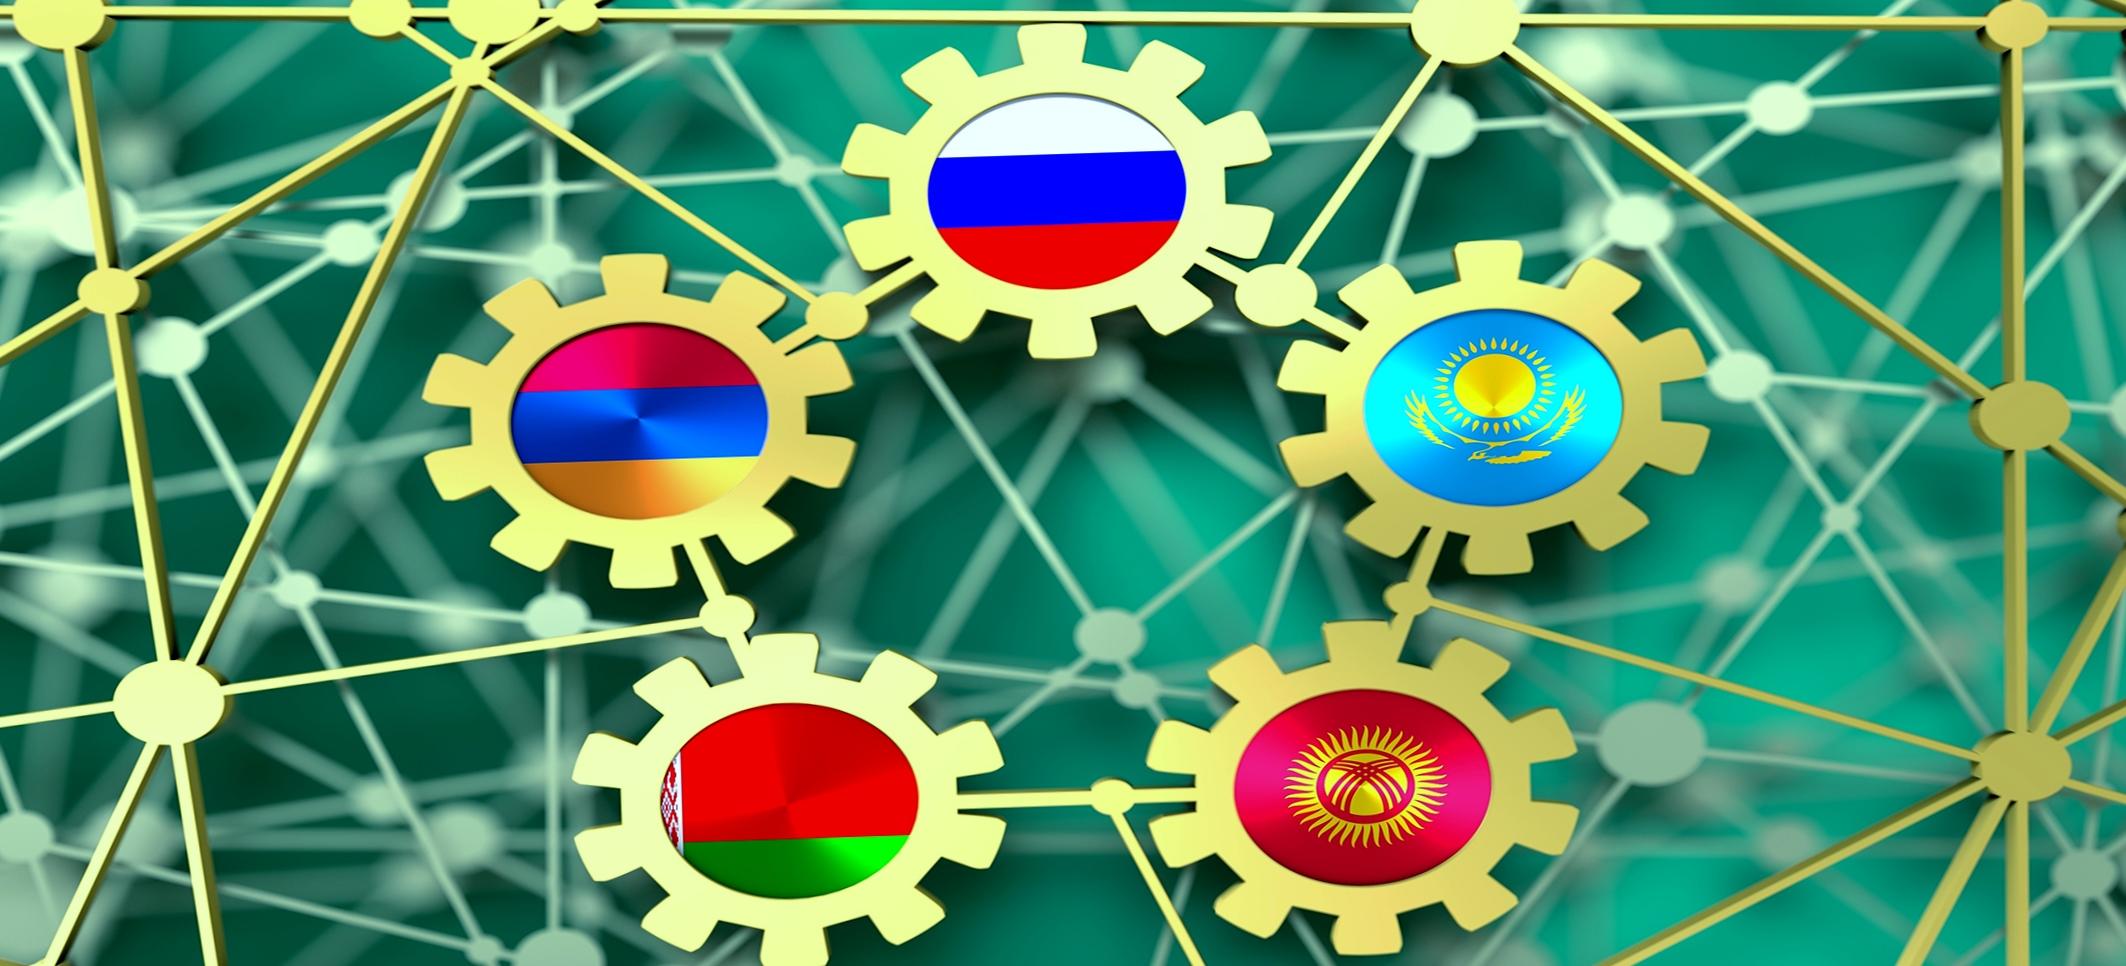 Совет ЕЭК одобрил проект основных ориентиров макроэкономической политики государств ЕАЭС на 2020 – 2021 годы